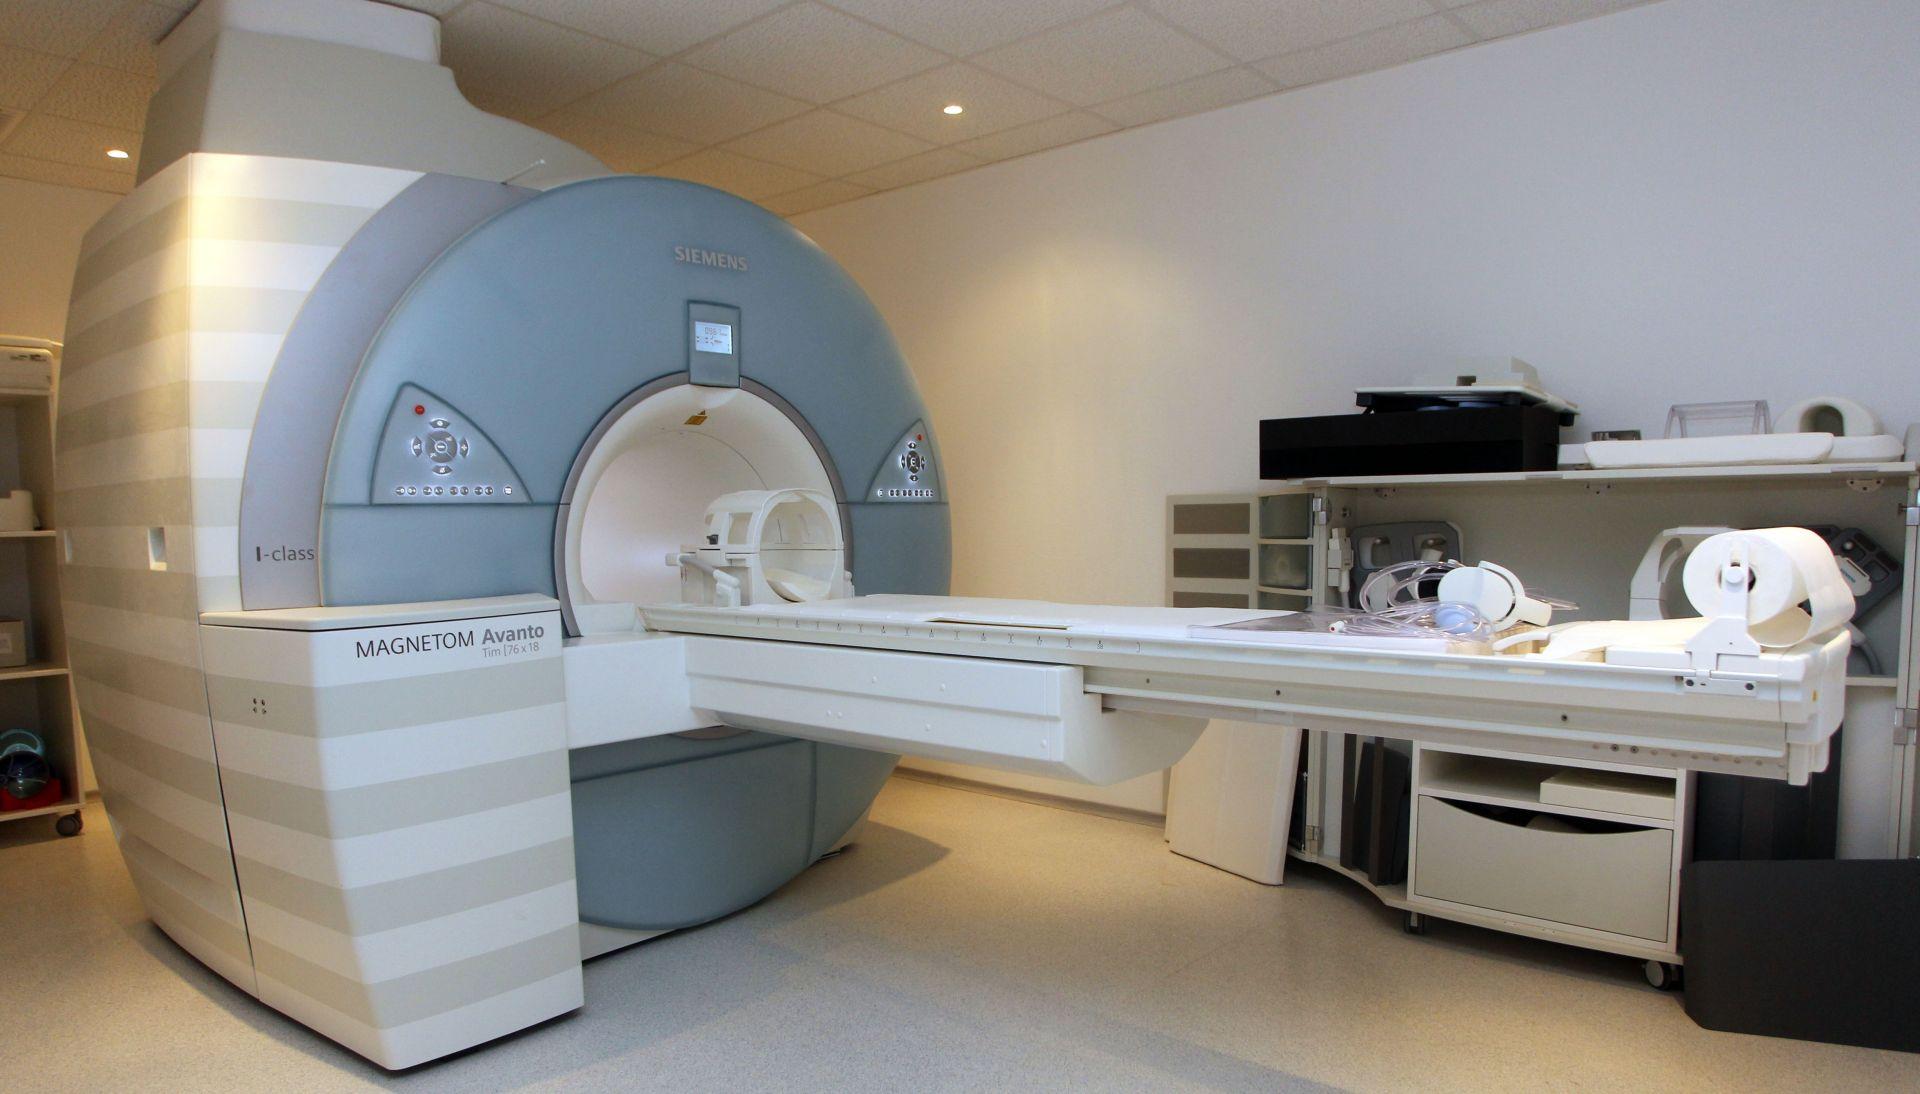 MEDIKOL Na narudžbe za MR pretragu u ponedjeljak se čekalo od 3 ujutro